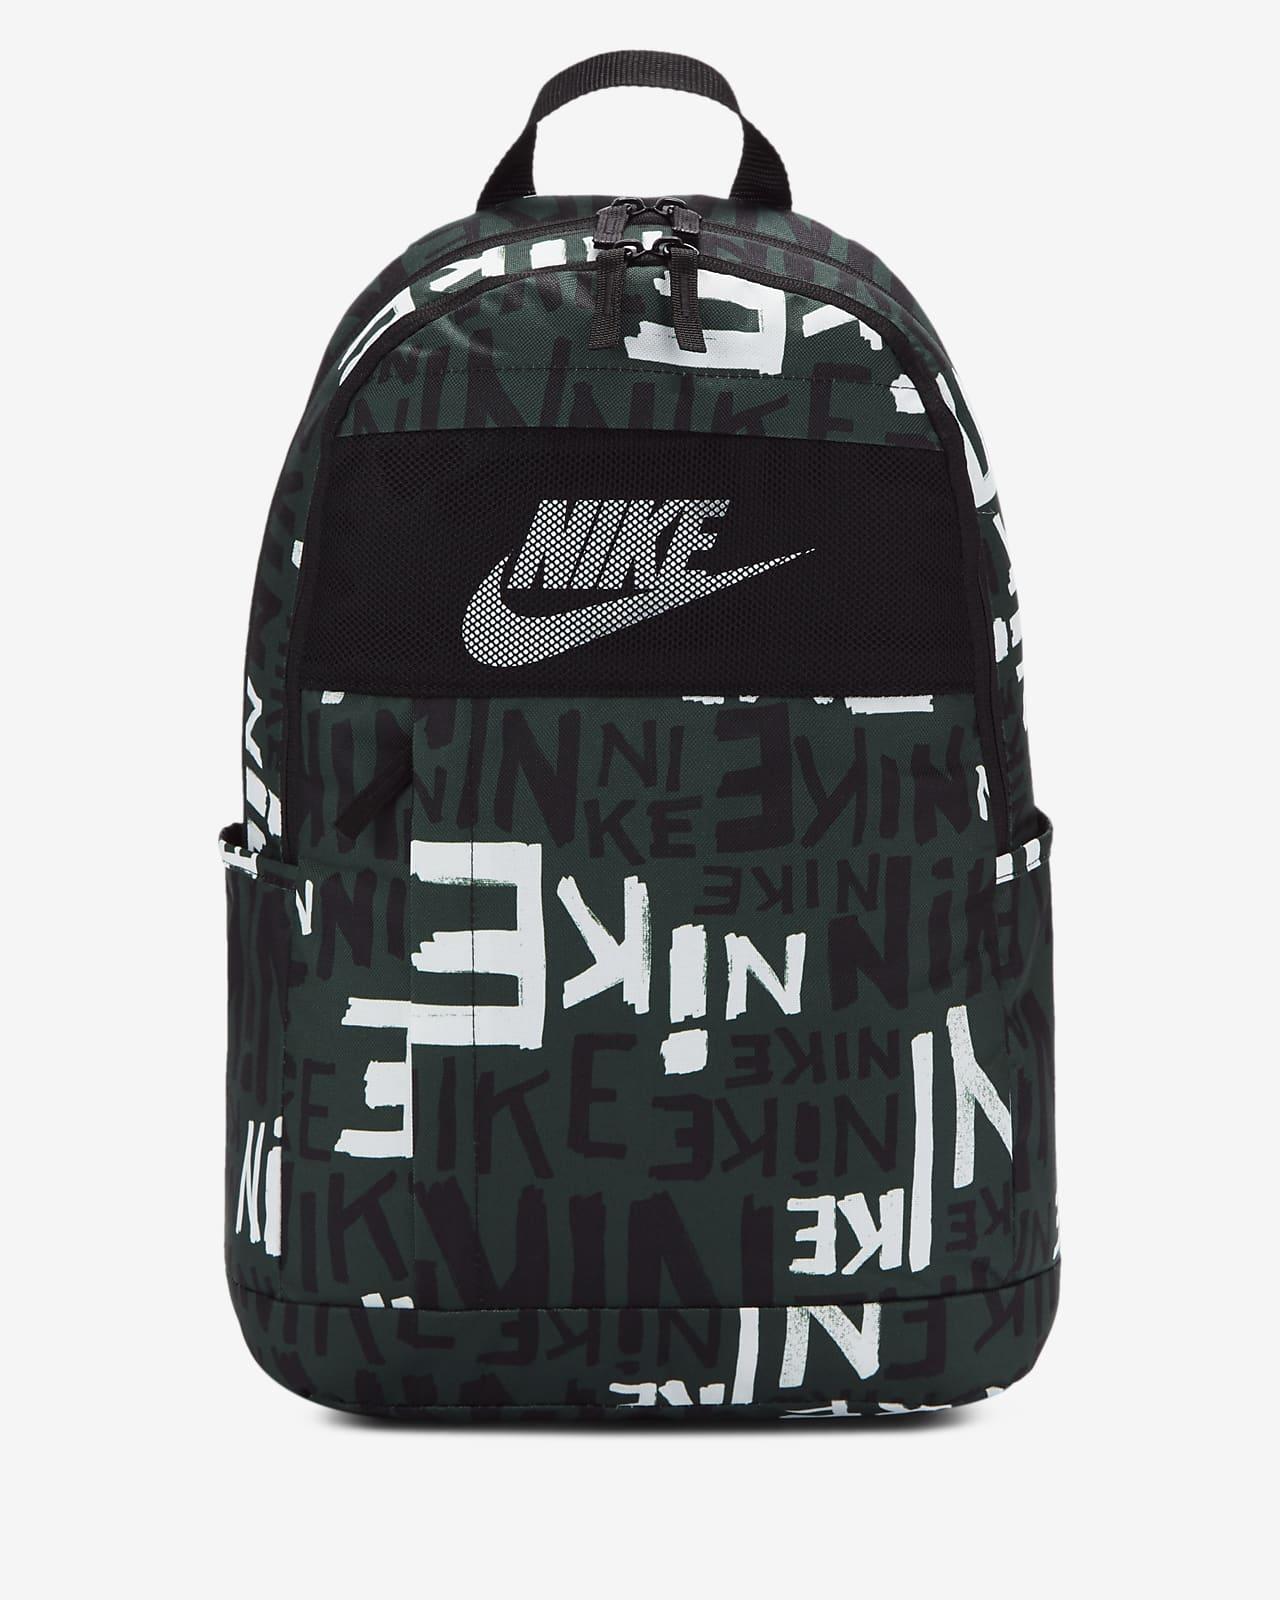 เป้สะพายหลัง Nike Elemental 2.0 Print